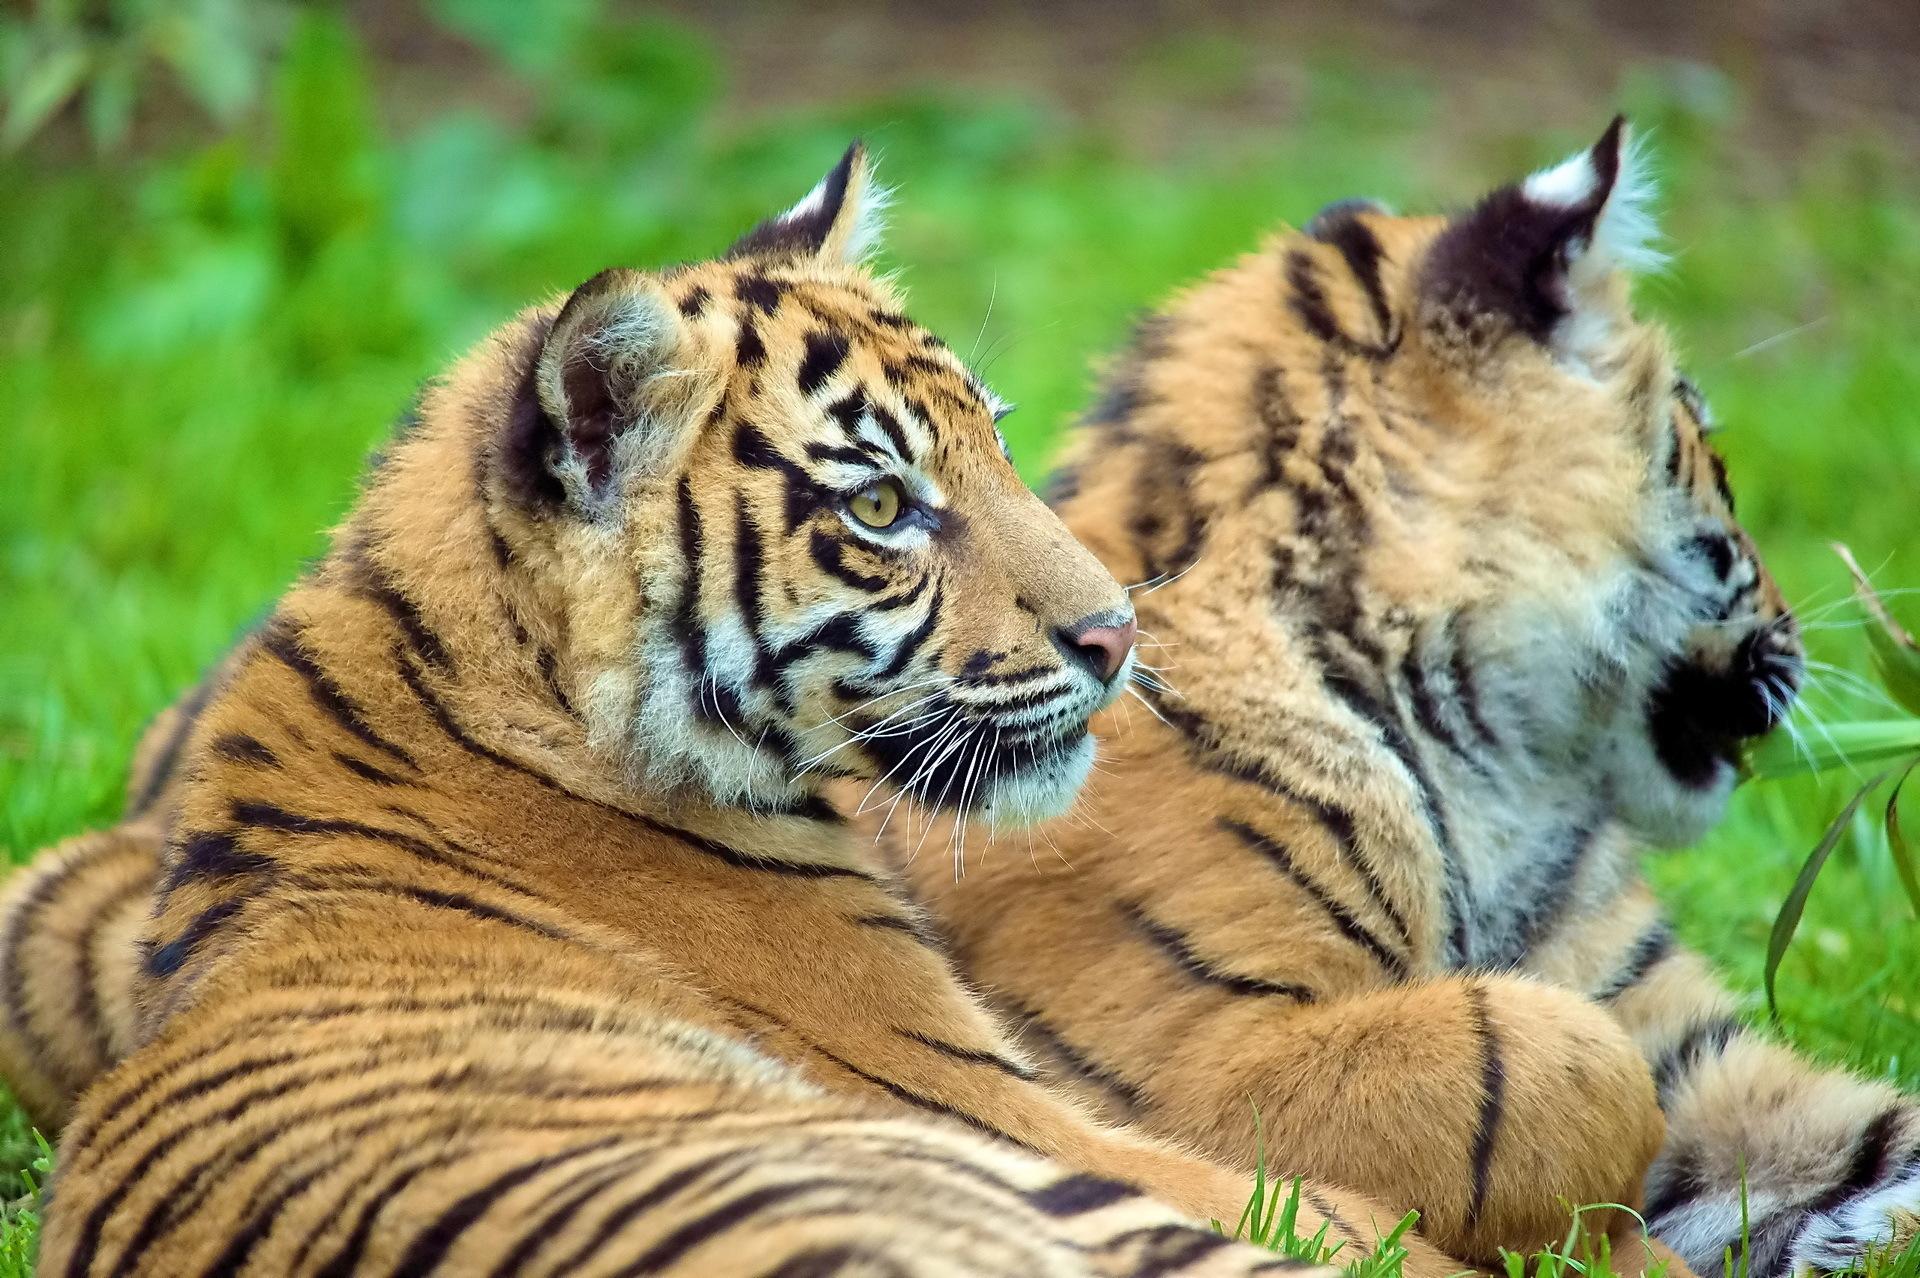 116099壁紙のダウンロード動物, カップル, 双, カブス, 若い, 横になります, 嘘, 阪神タイガース-スクリーンセーバーと写真を無料で